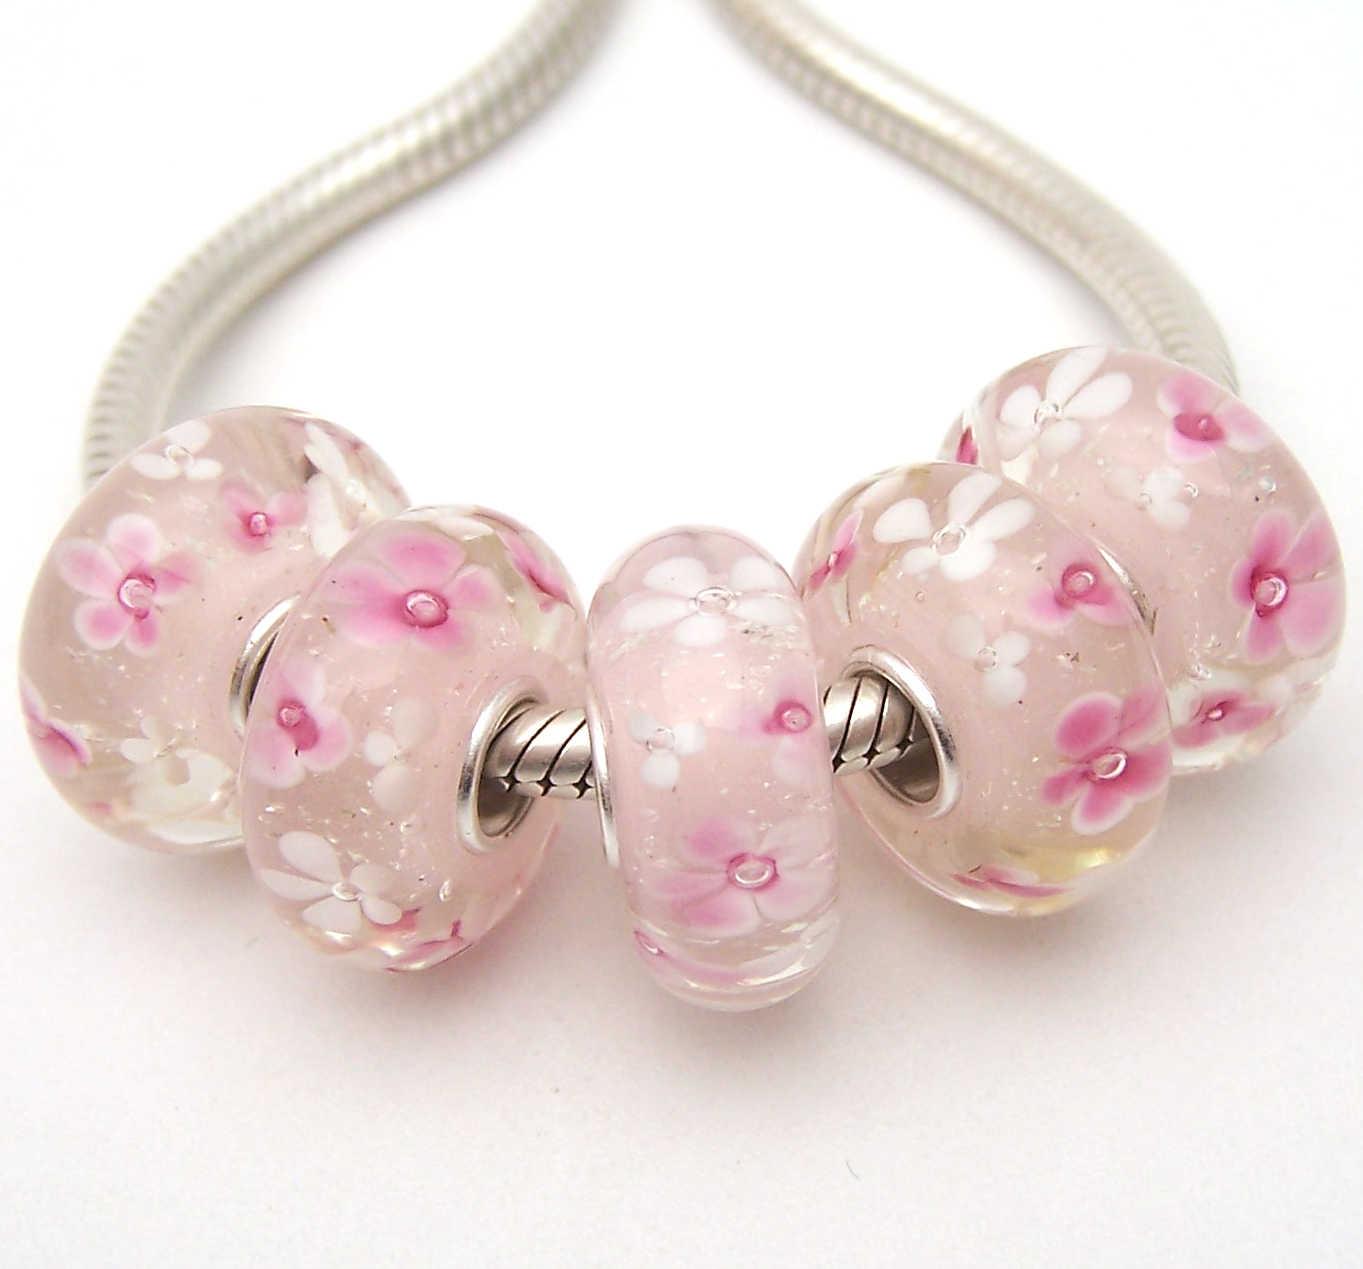 JGWGT 1689 5X100% di Autenticità S925 Sterling Silver Perle di Murano perle di Vetro Europeo Adatto Pendenti e Ciondoli Braccialetto gioielli fai da te lampwork